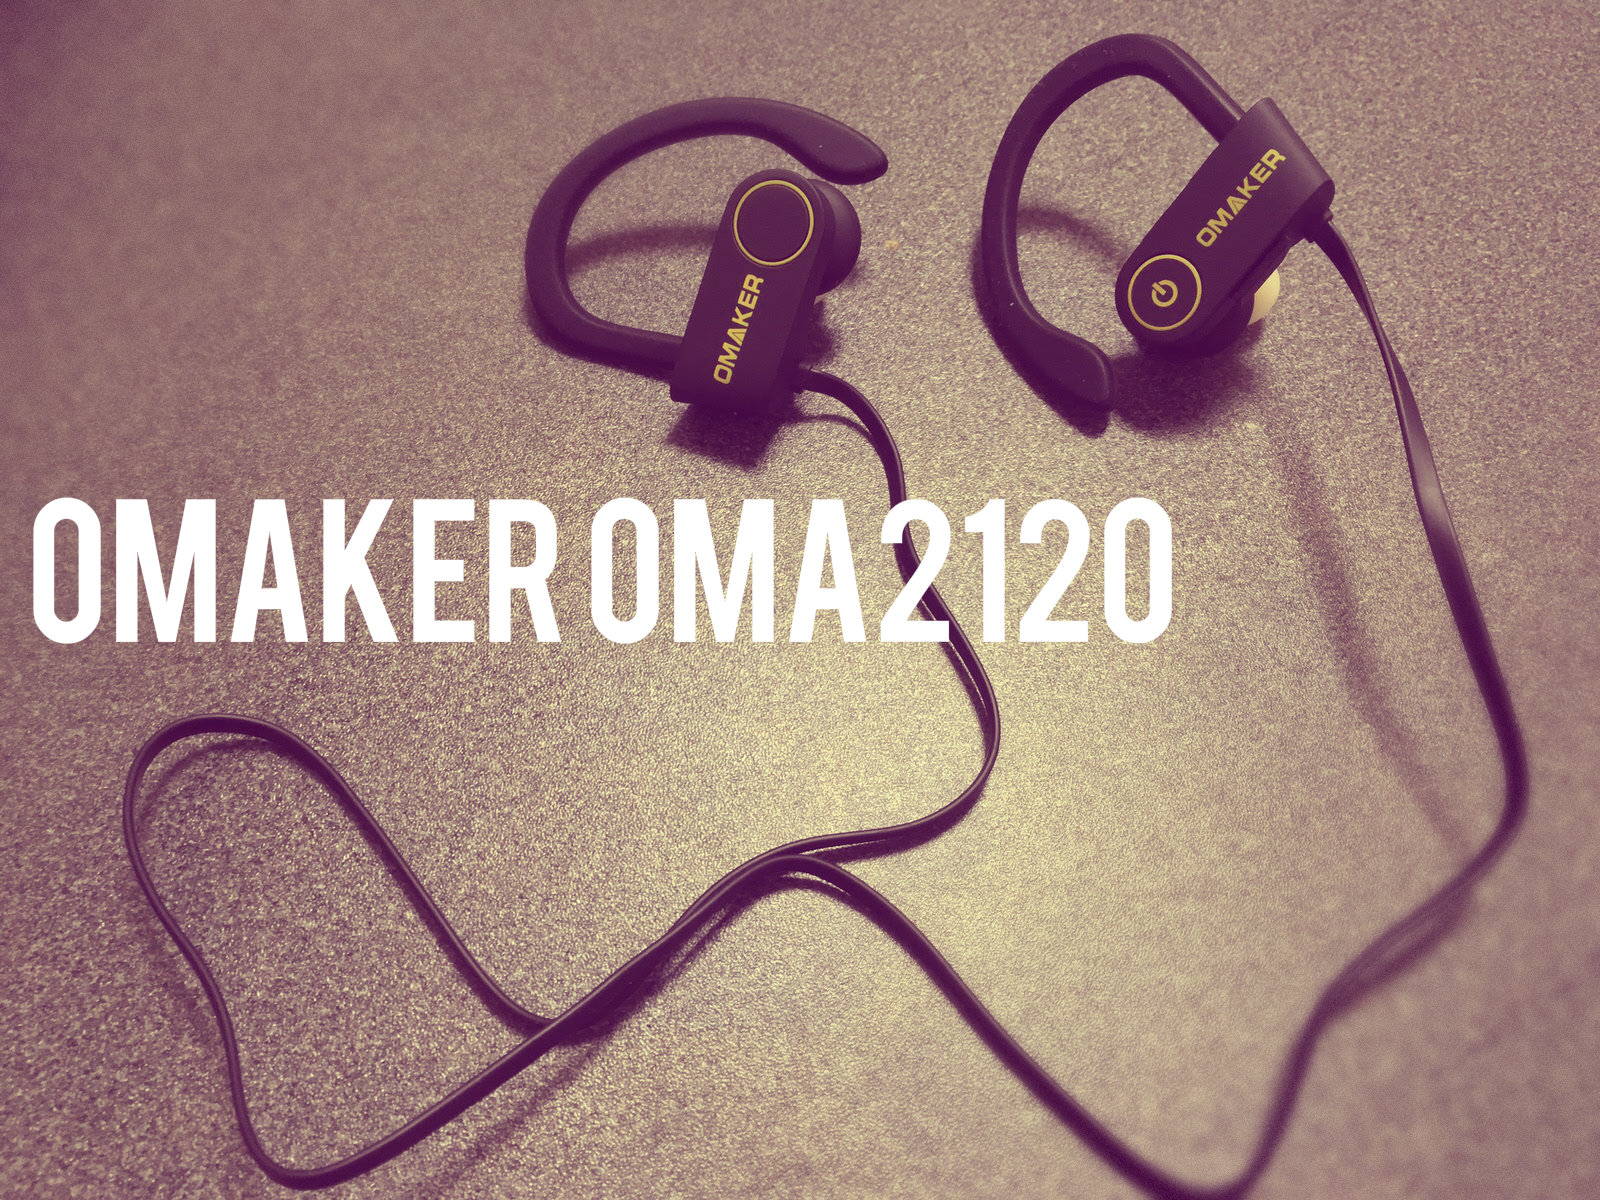 もう有線には戻れない!体の一部のようにフィットし音質もグッドなBluetoothイヤホン「Omaker OMA2120」